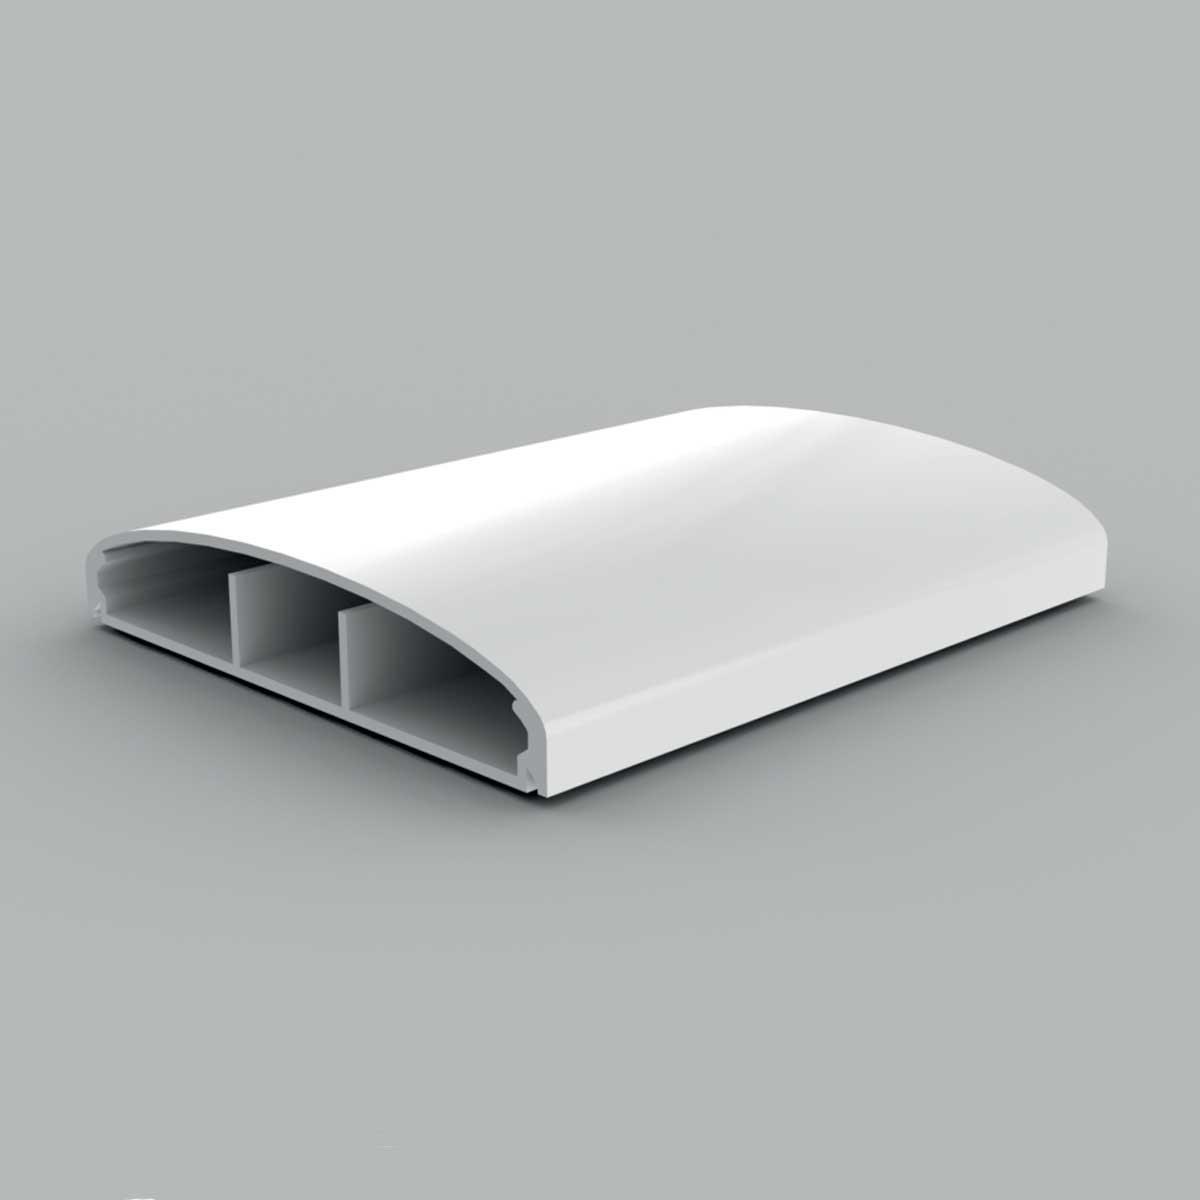 Кабельний канал з ПВХ білого кольору21х100мм; Серія LЕ Елегант; ПВХ